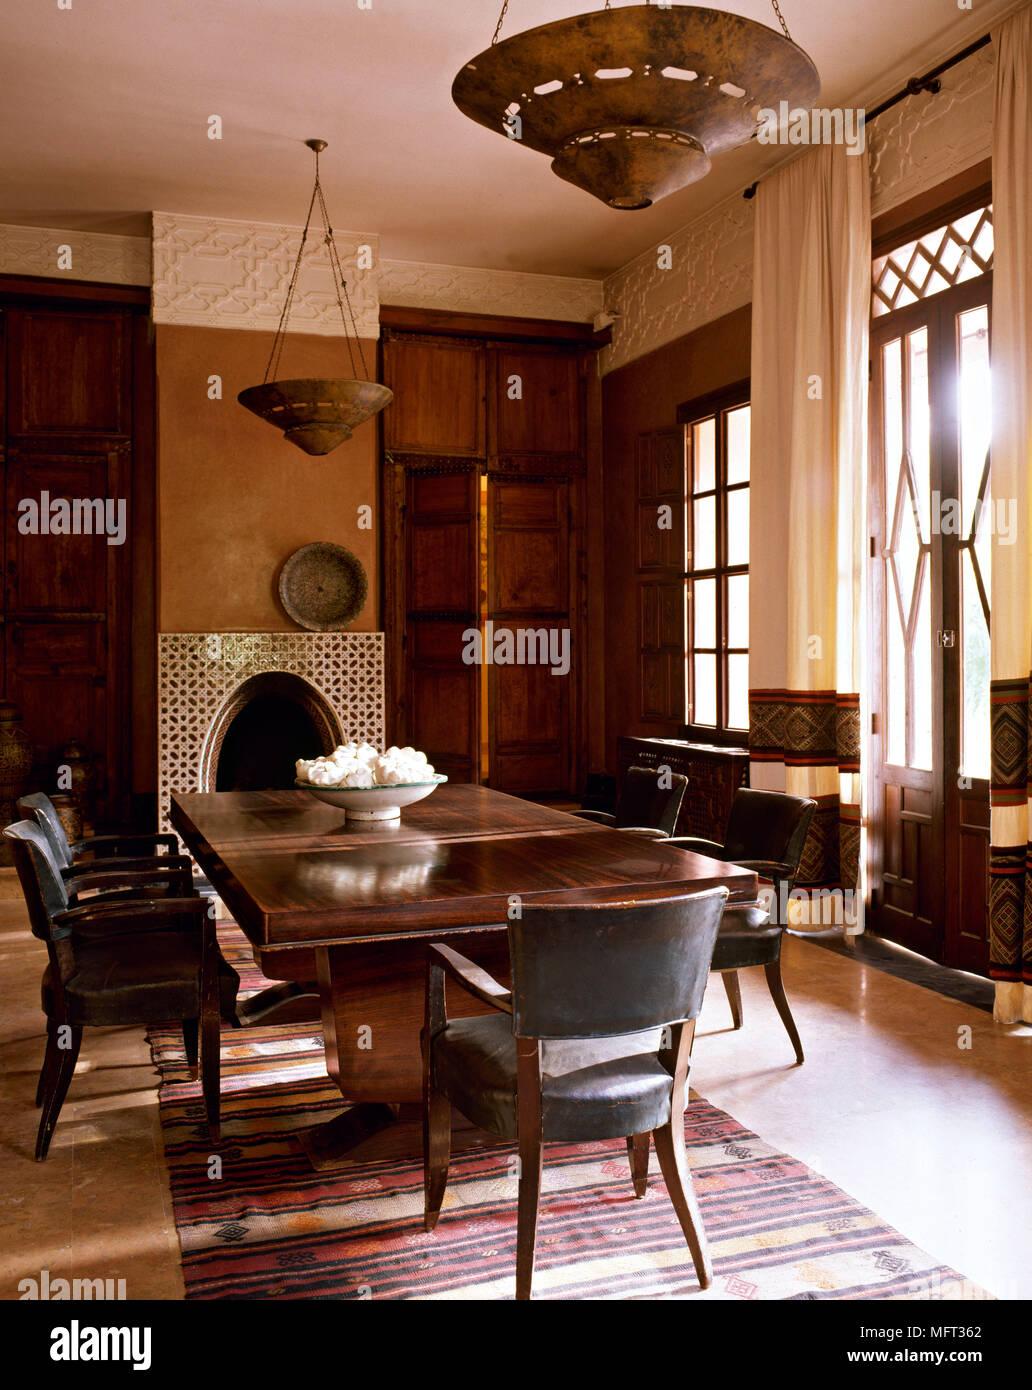 Marokkanische Hotel suite Speisesaal Holz Tisch Ledersessel ...